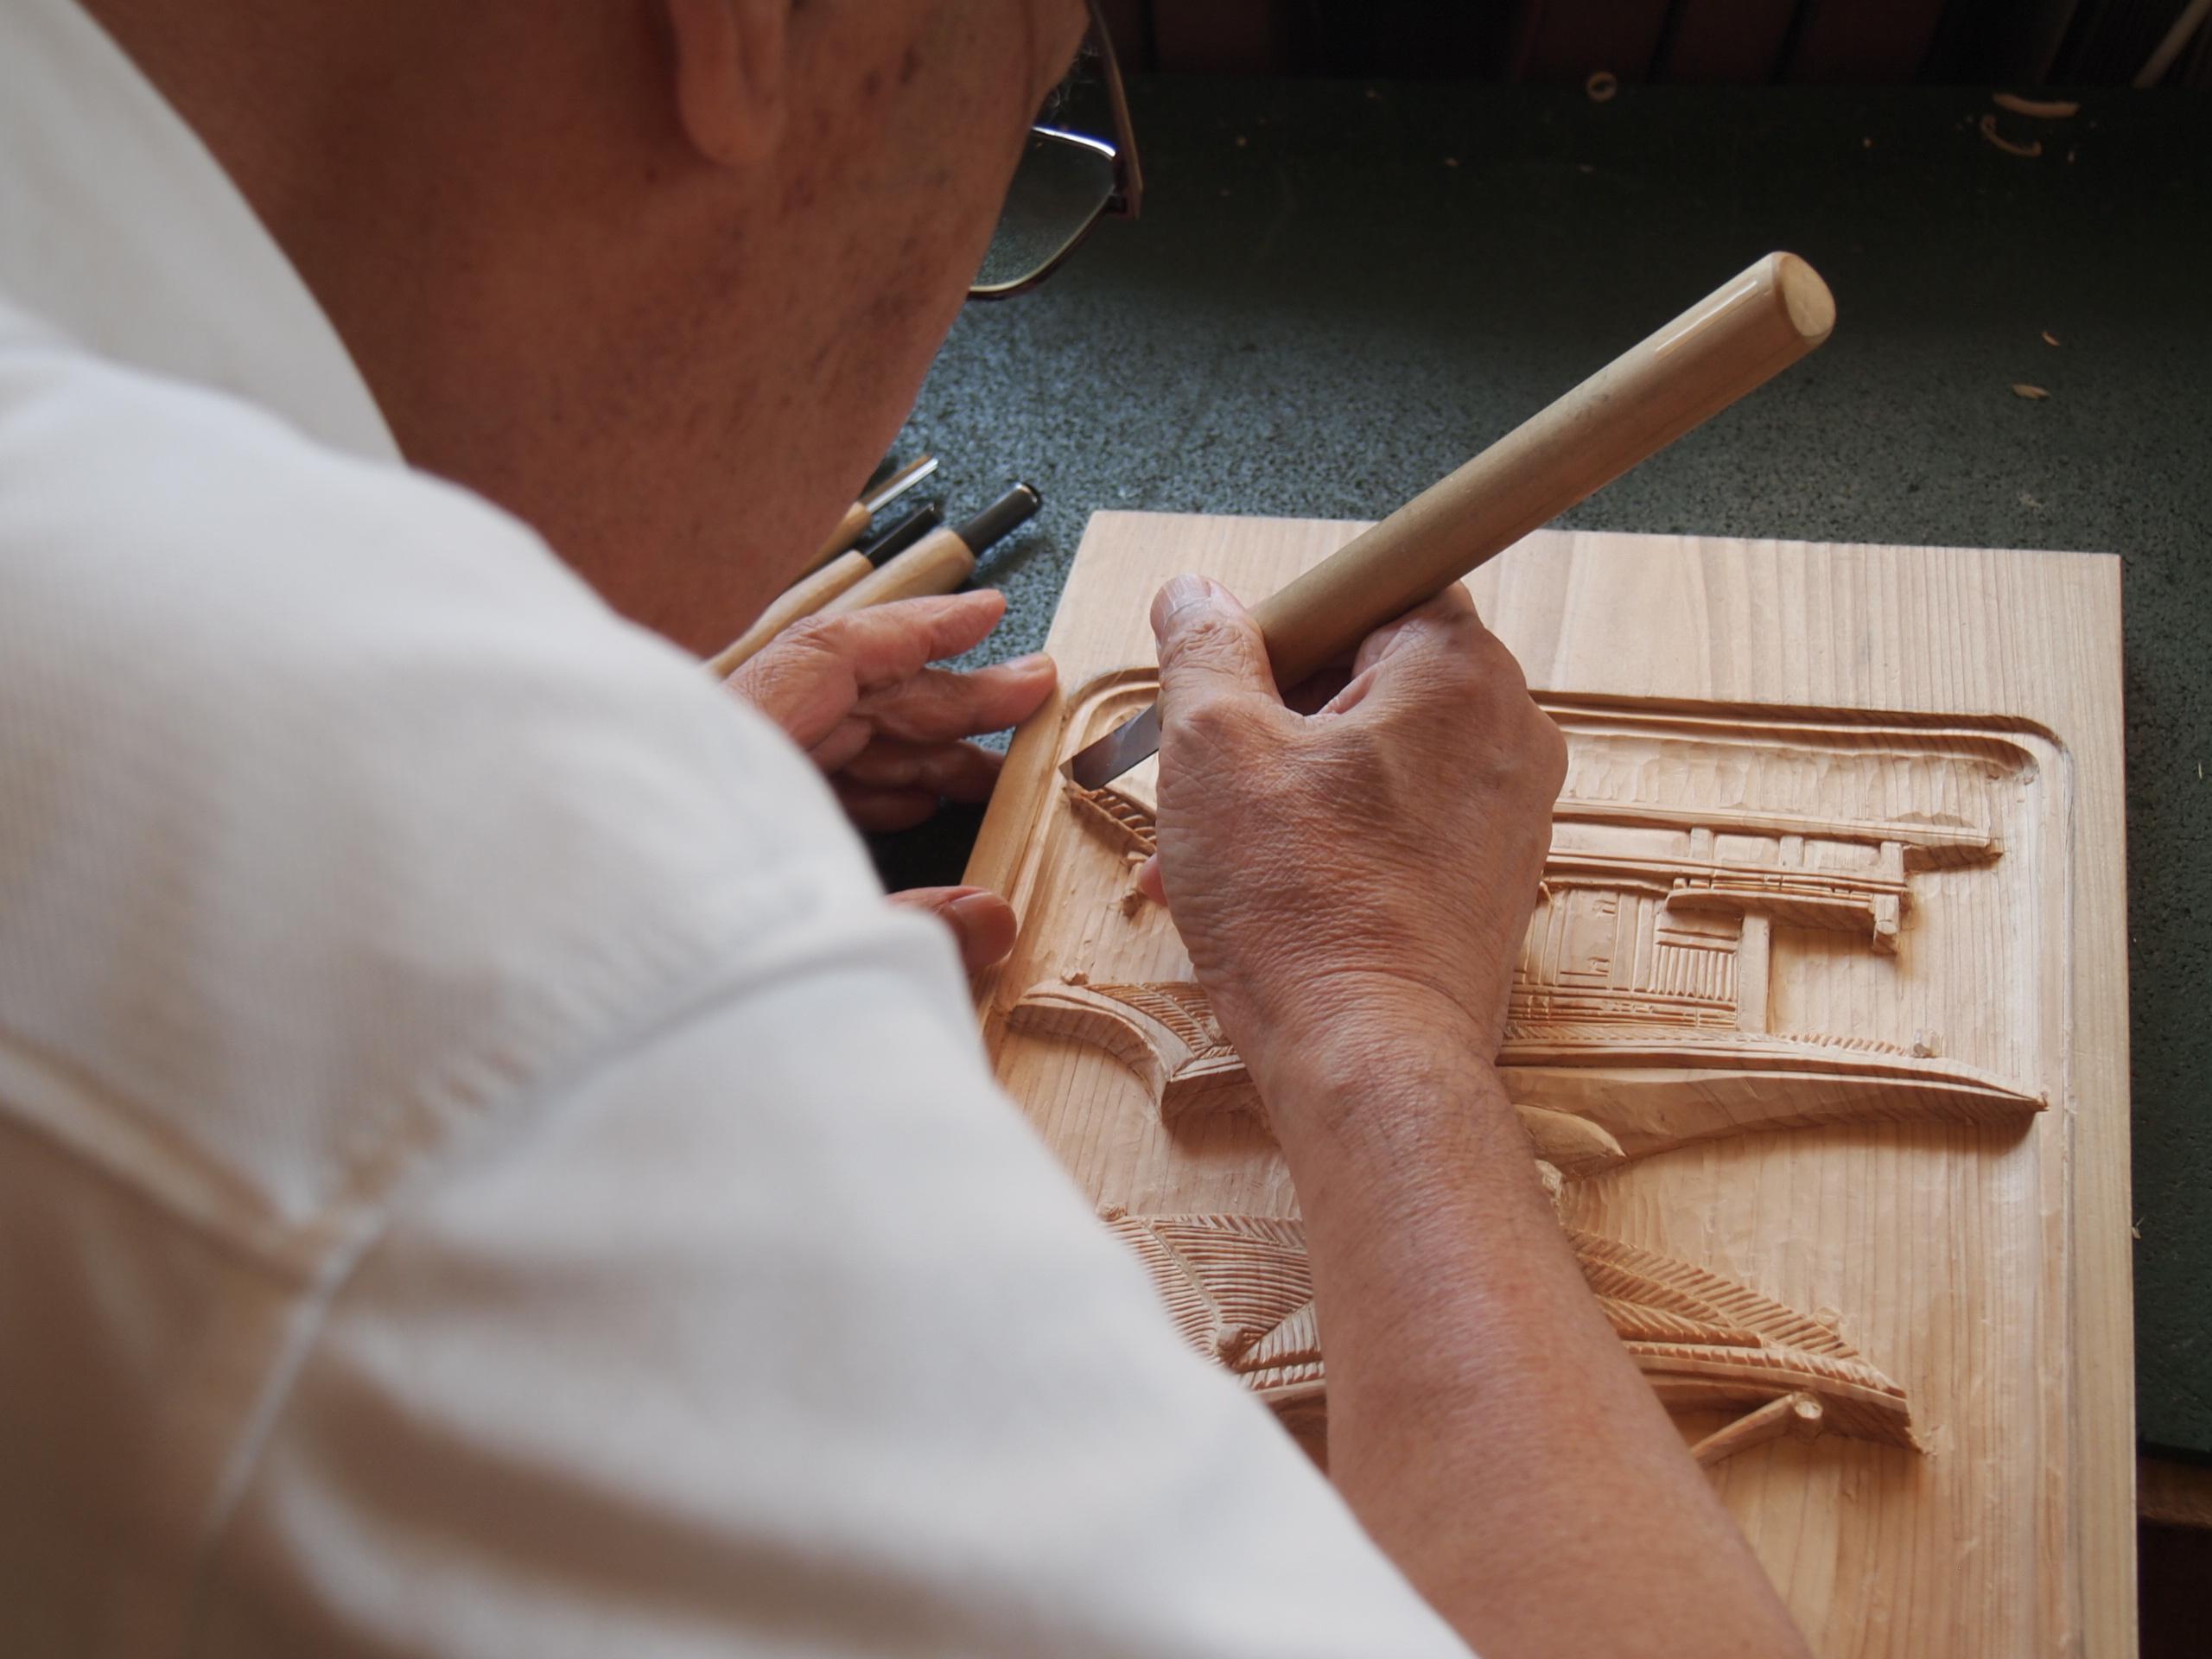 〇通期:香川県伝統工芸士に学ぶ やさしい木彫り教室【木曜クラス】 2月6日~